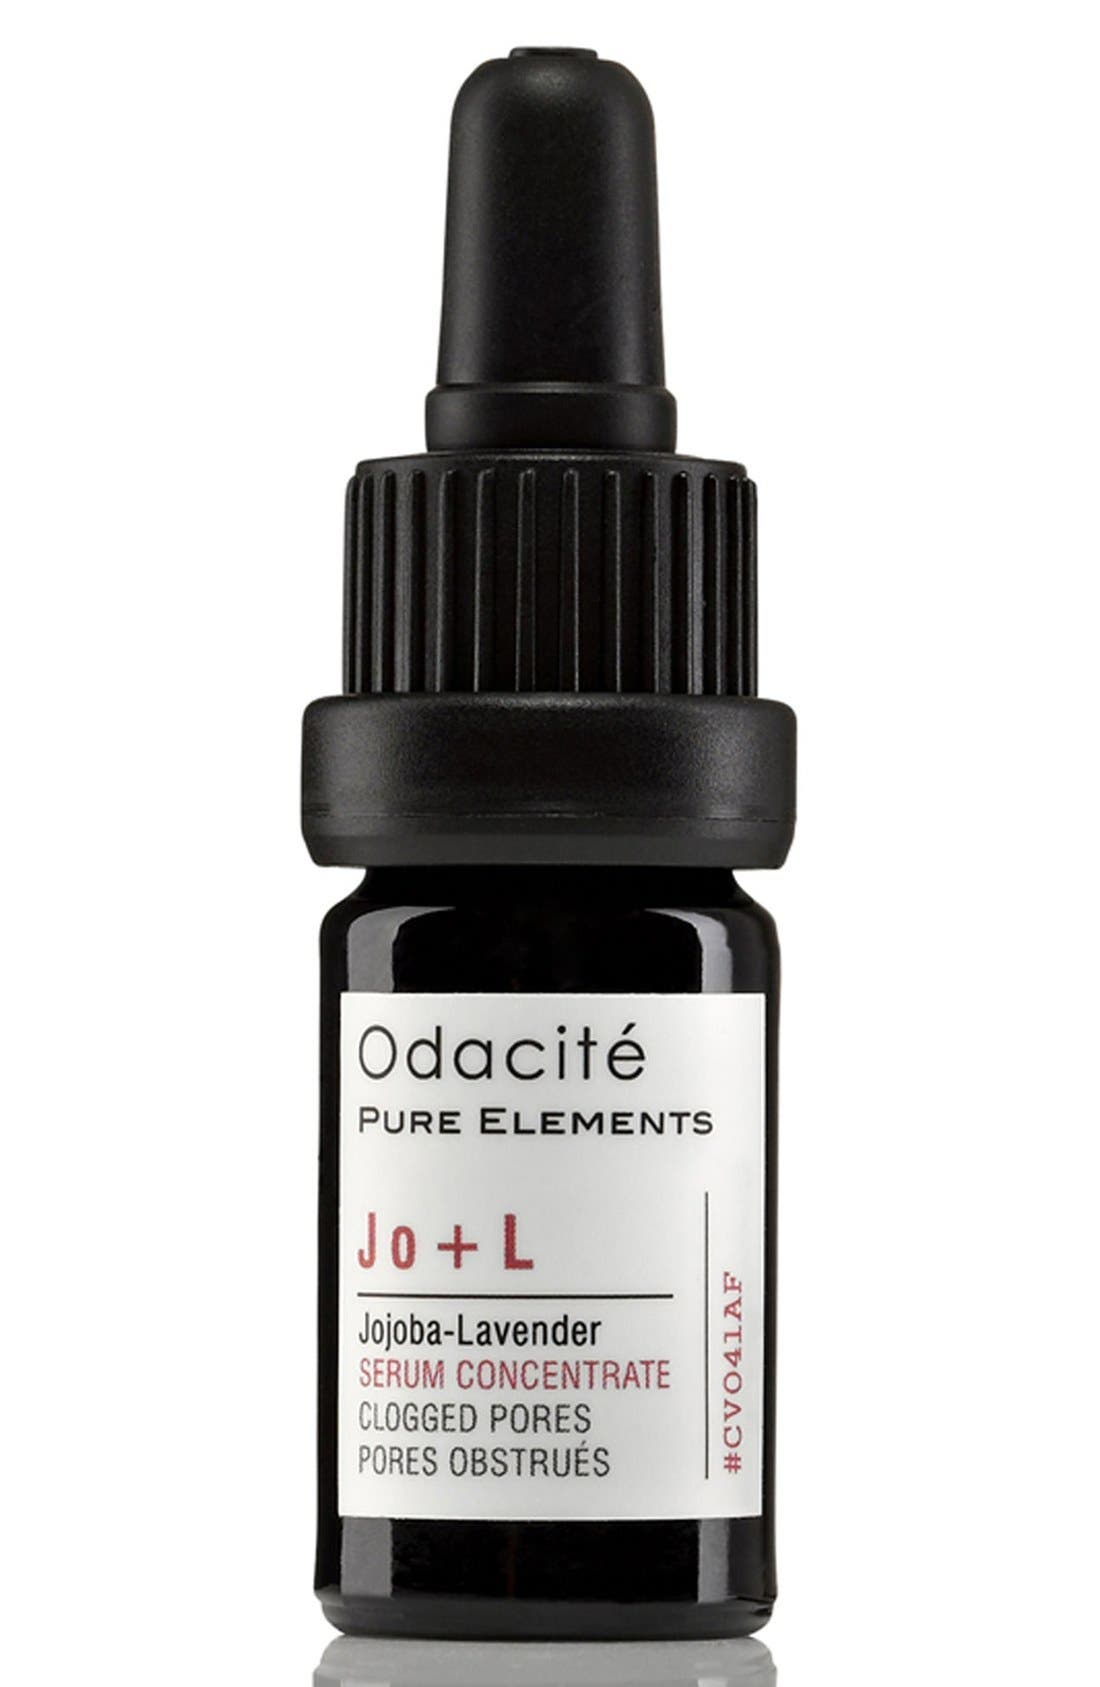 Odacité Jo + L Jojoba-Lavender Clogged Pores Serum Concentrate